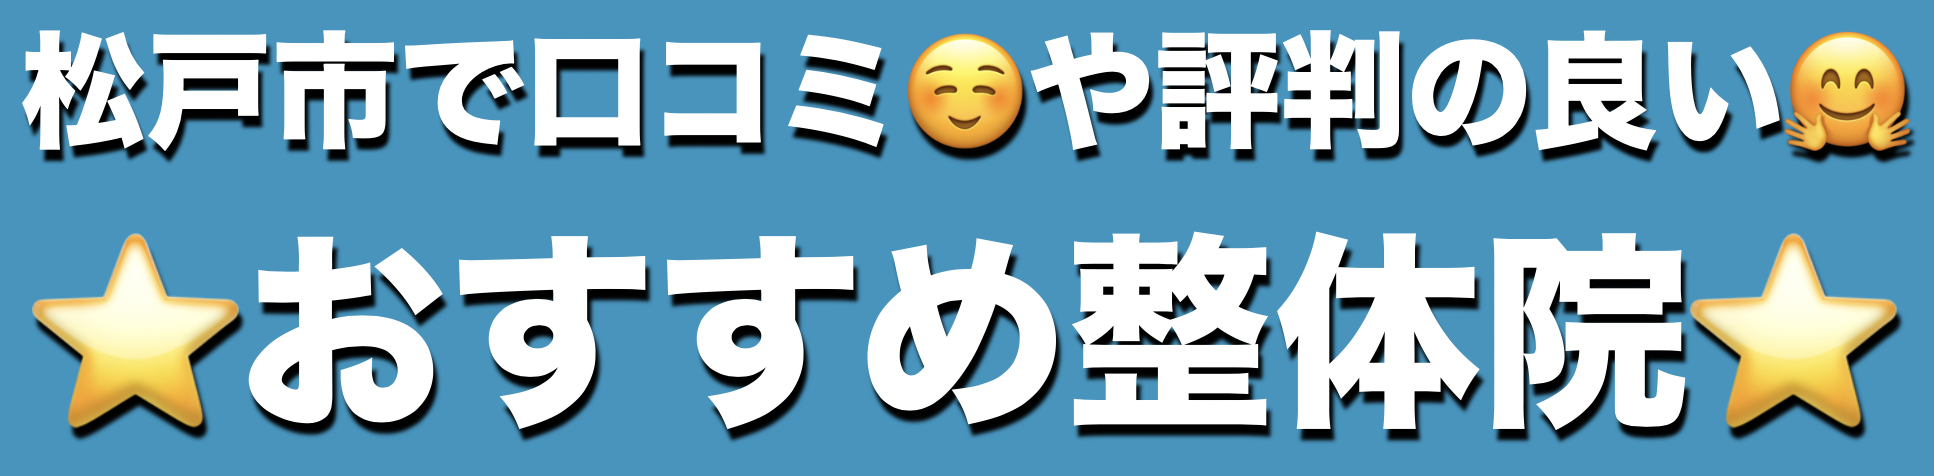 松戸市で口コミや評判の良いおすすめの整体院